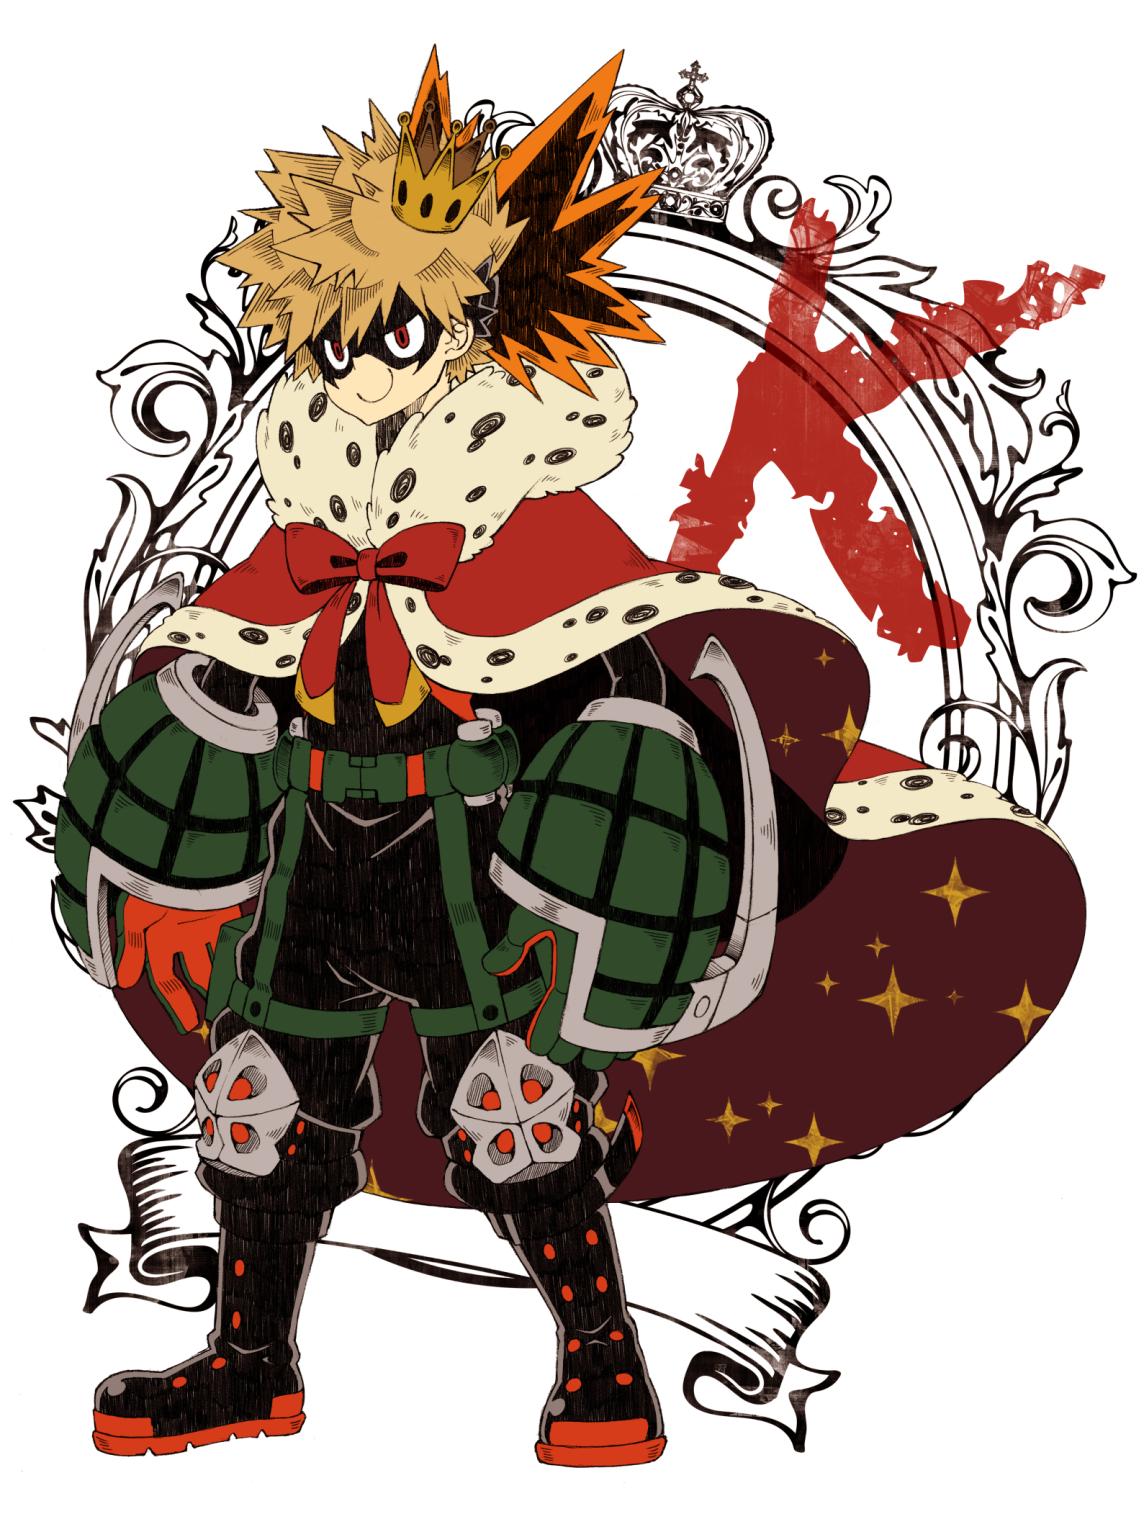 Bakugou Katsuki - Boku no Hero Academia - Mobile Wallpaper ...